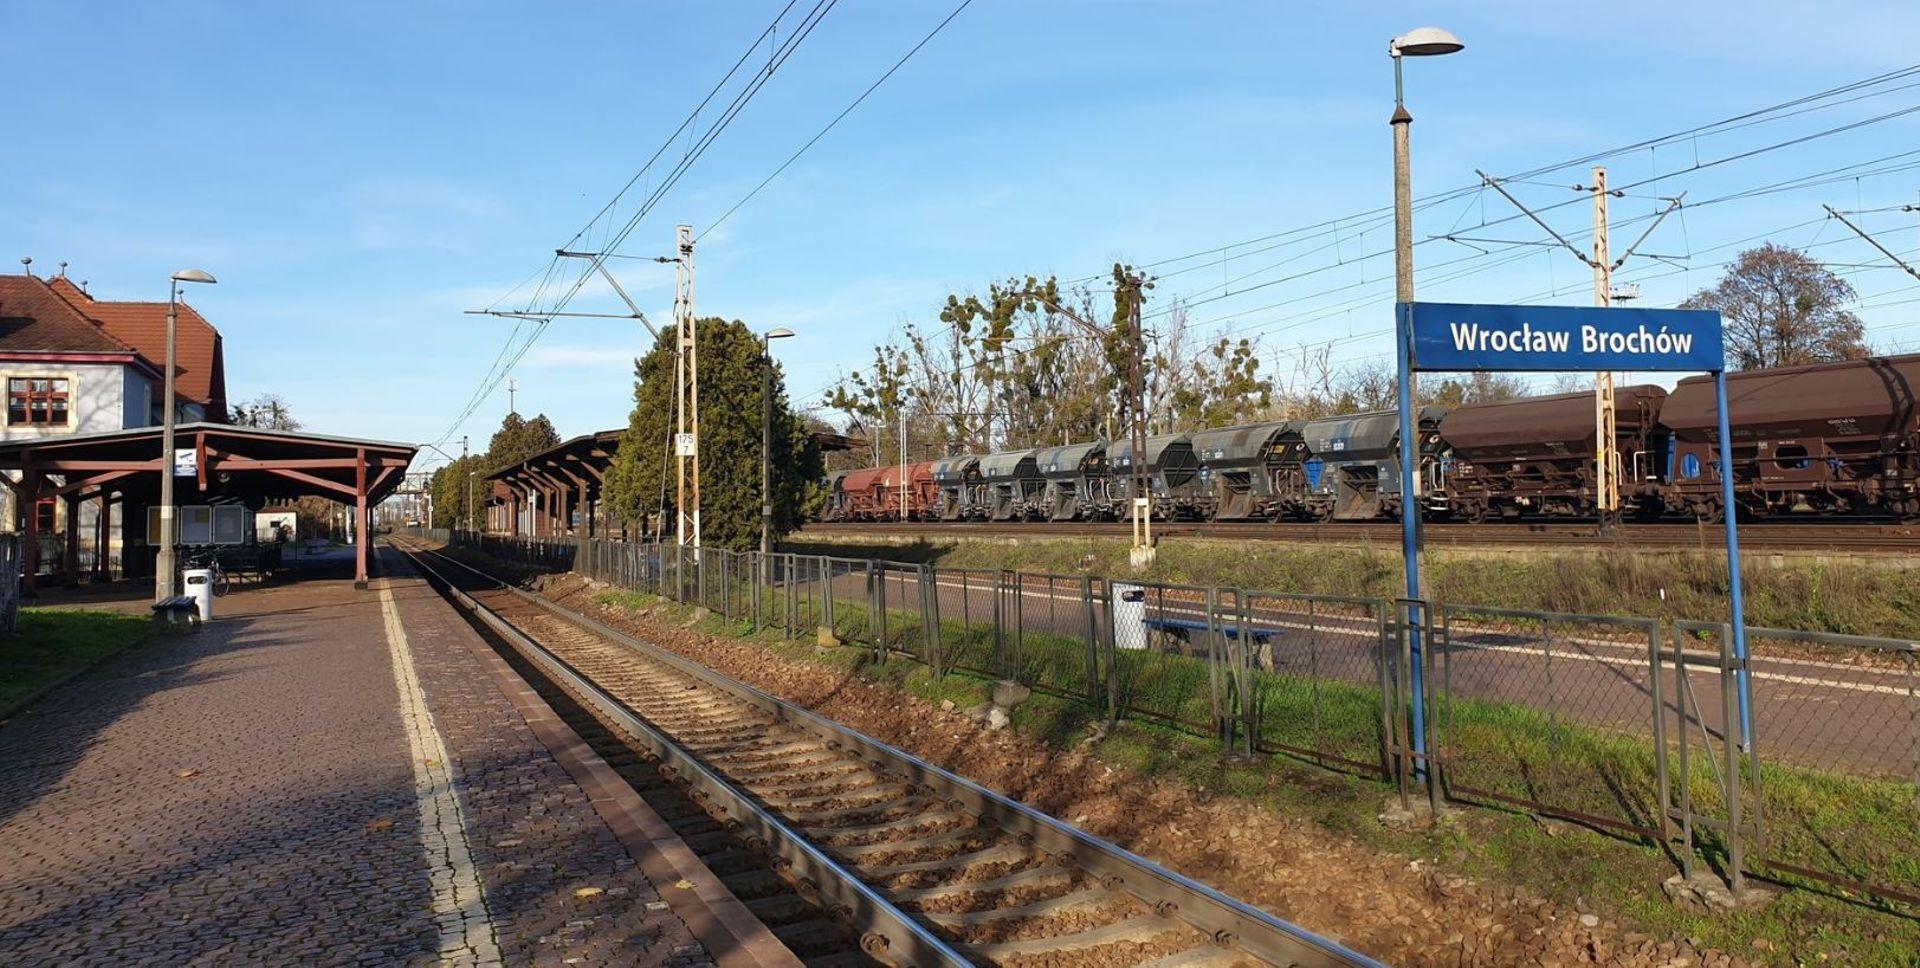 Rozpoczęła się przebudowa przystanku kolejowego Wrocław Brochów